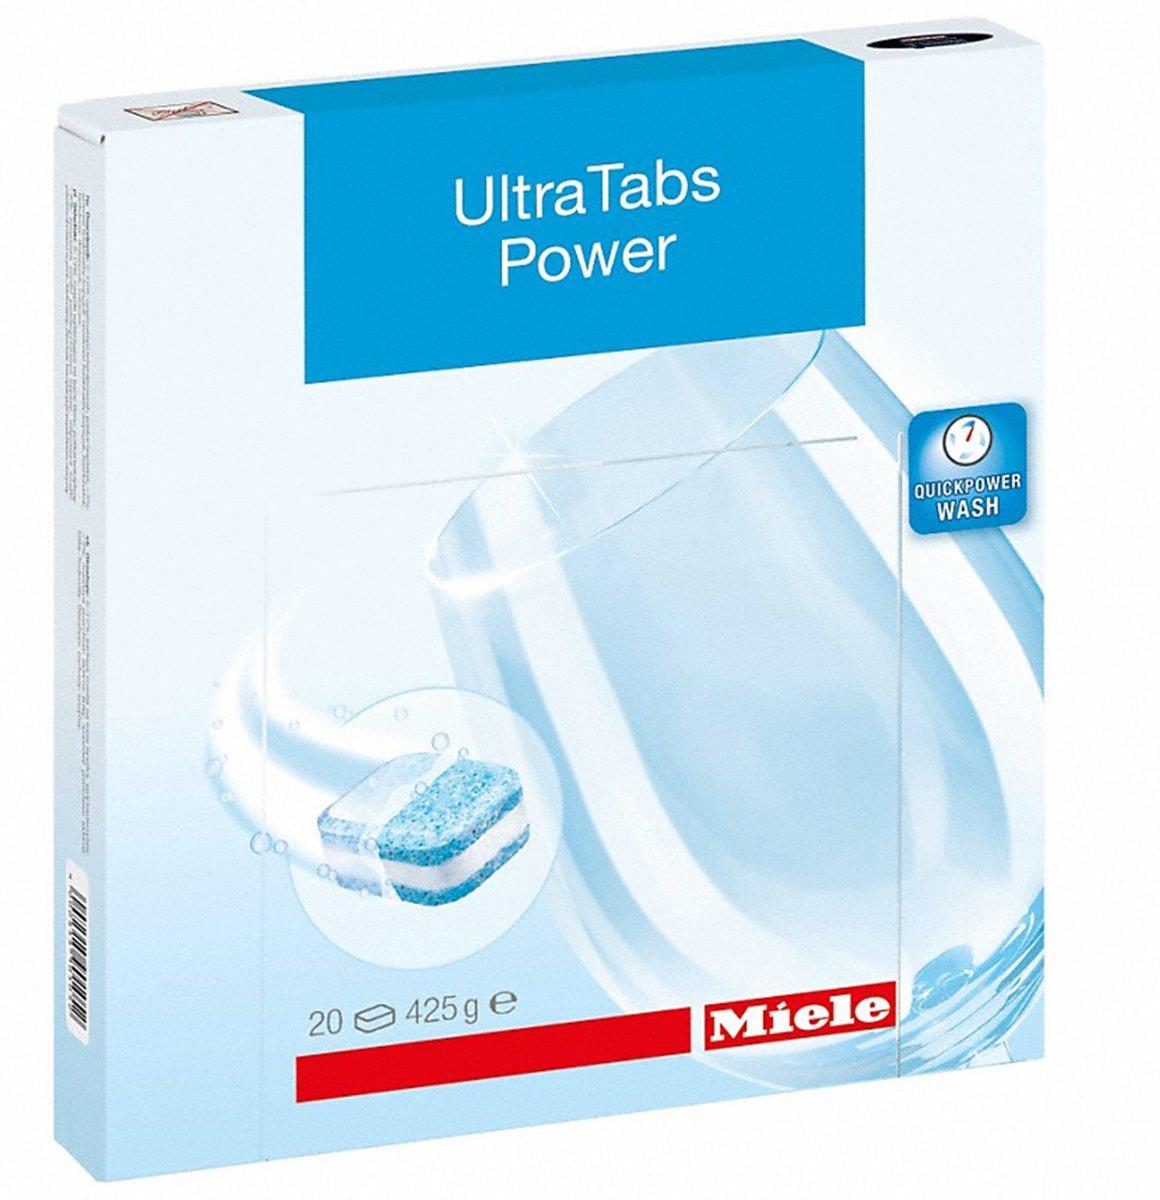 MIELE UltraTabs Power vaatwastabletten 20 stuks kopen